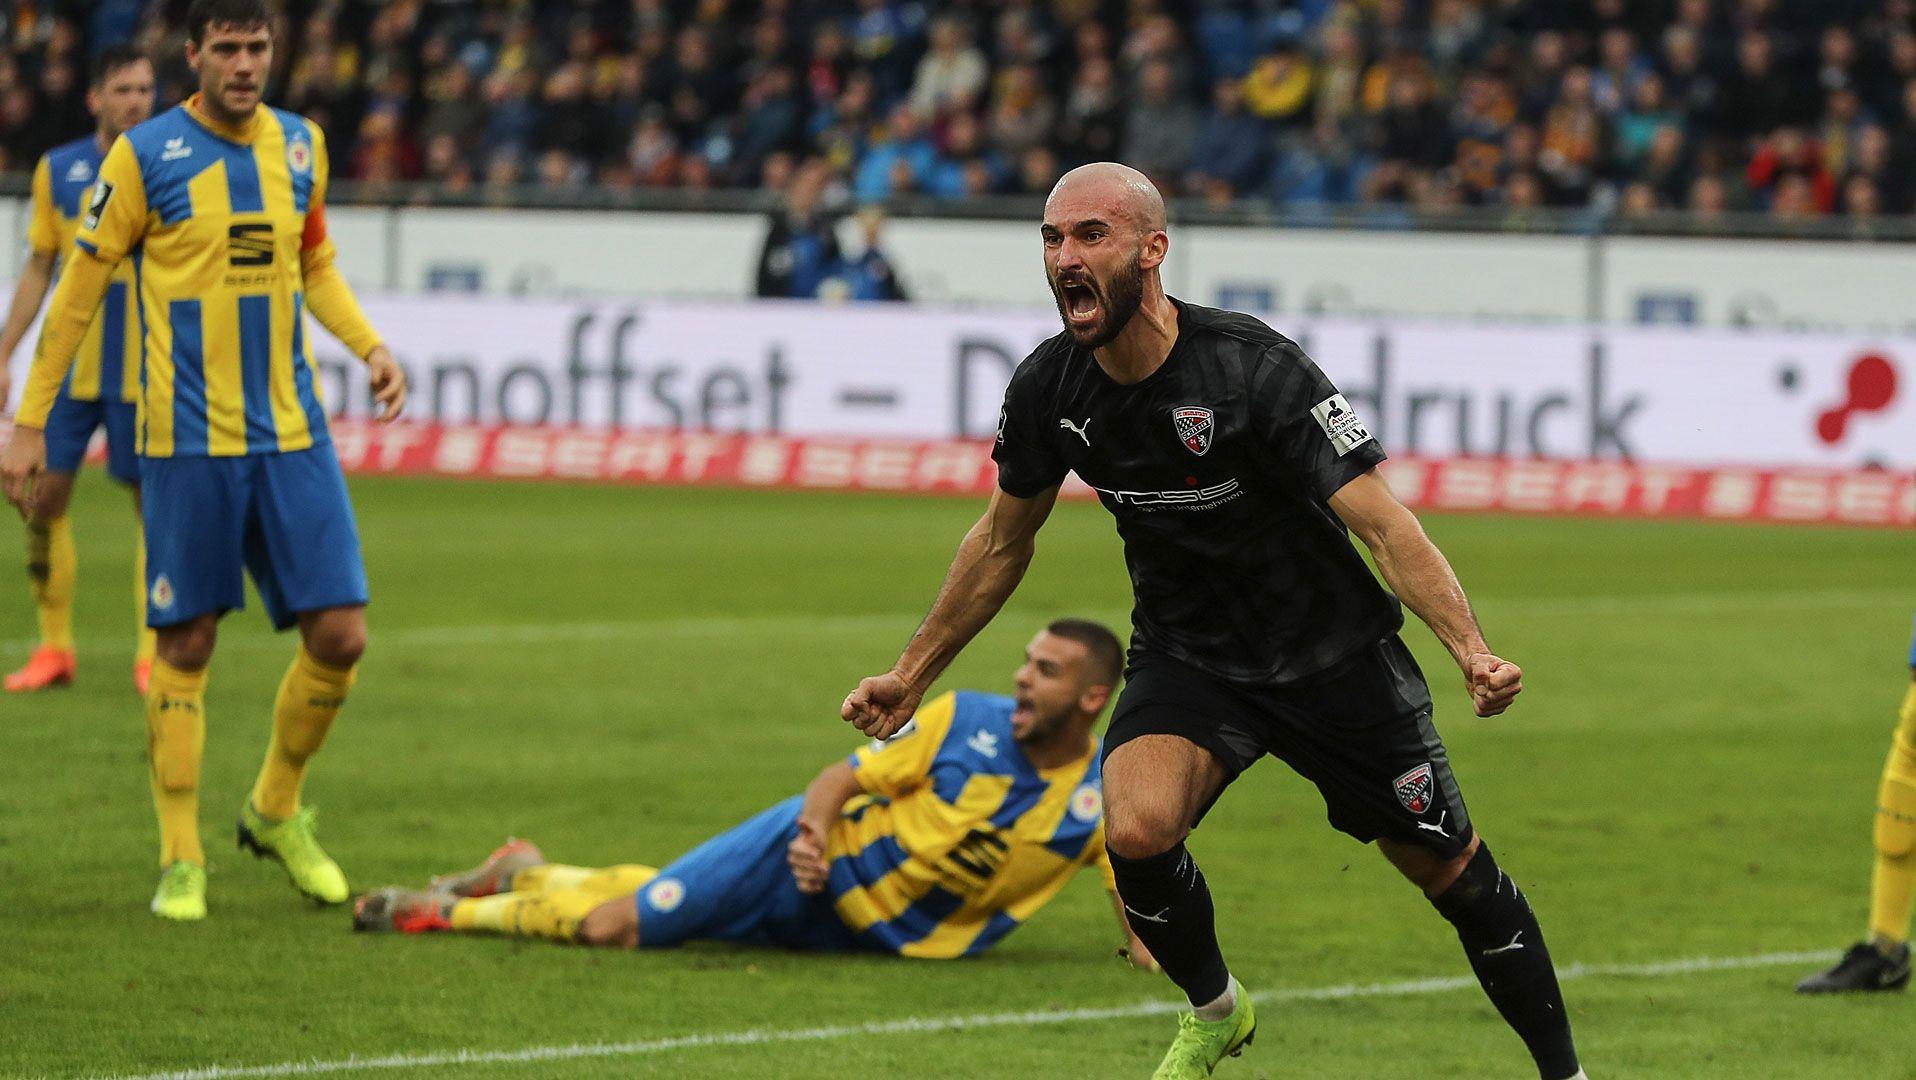 Nico Antonitsch freut sich über seinen Treffer.